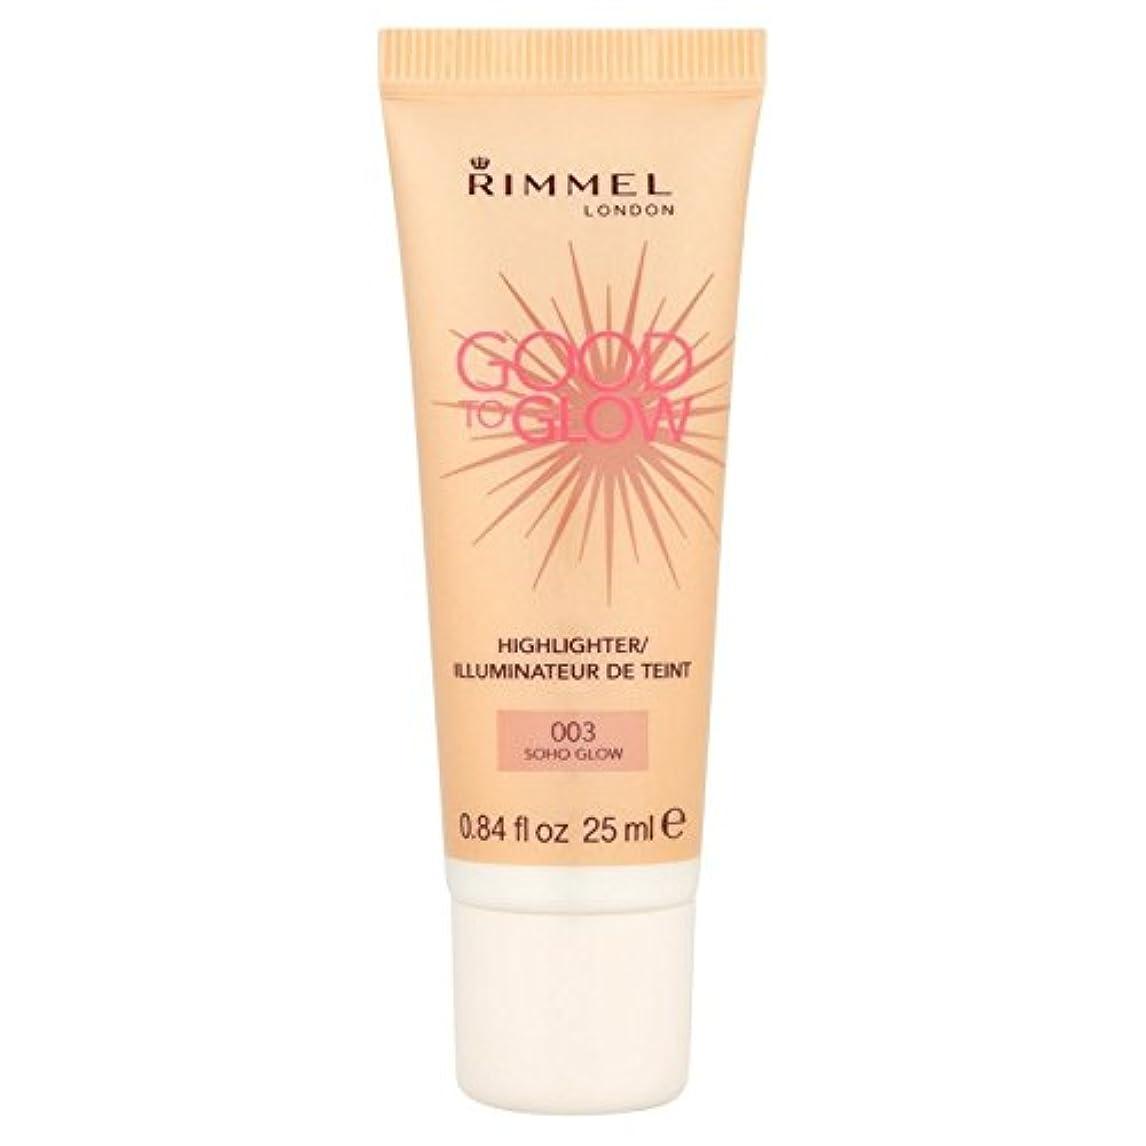 リラックスしたタンク薬を飲むRimmel Good To Glow Illuminator, Soho Glow 25ml (Pack of 6) - 照明グローてもいいリンメル、グロー25ミリリットル x6 [並行輸入品]